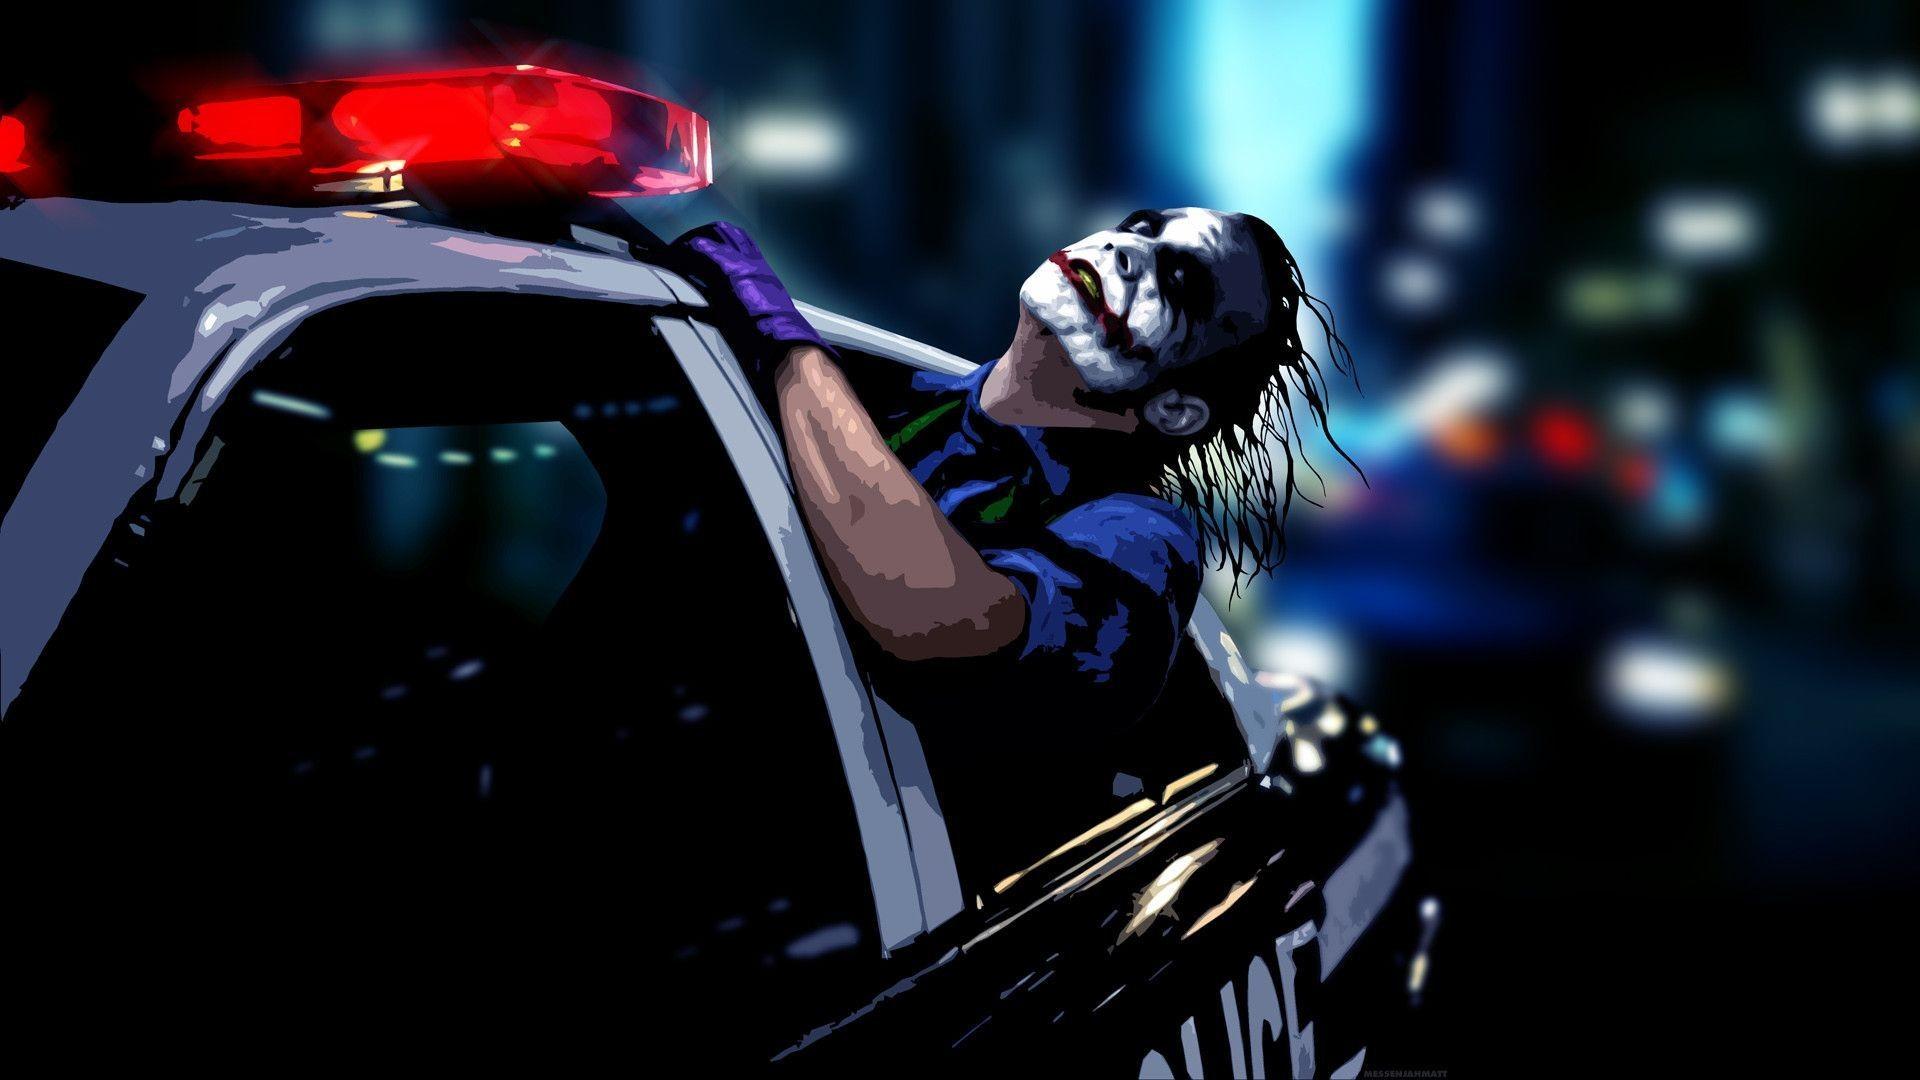 Joker Dark Knight In Mcdonald Advert Wallpaper - Joker Wallpaper Police Car - HD Wallpaper